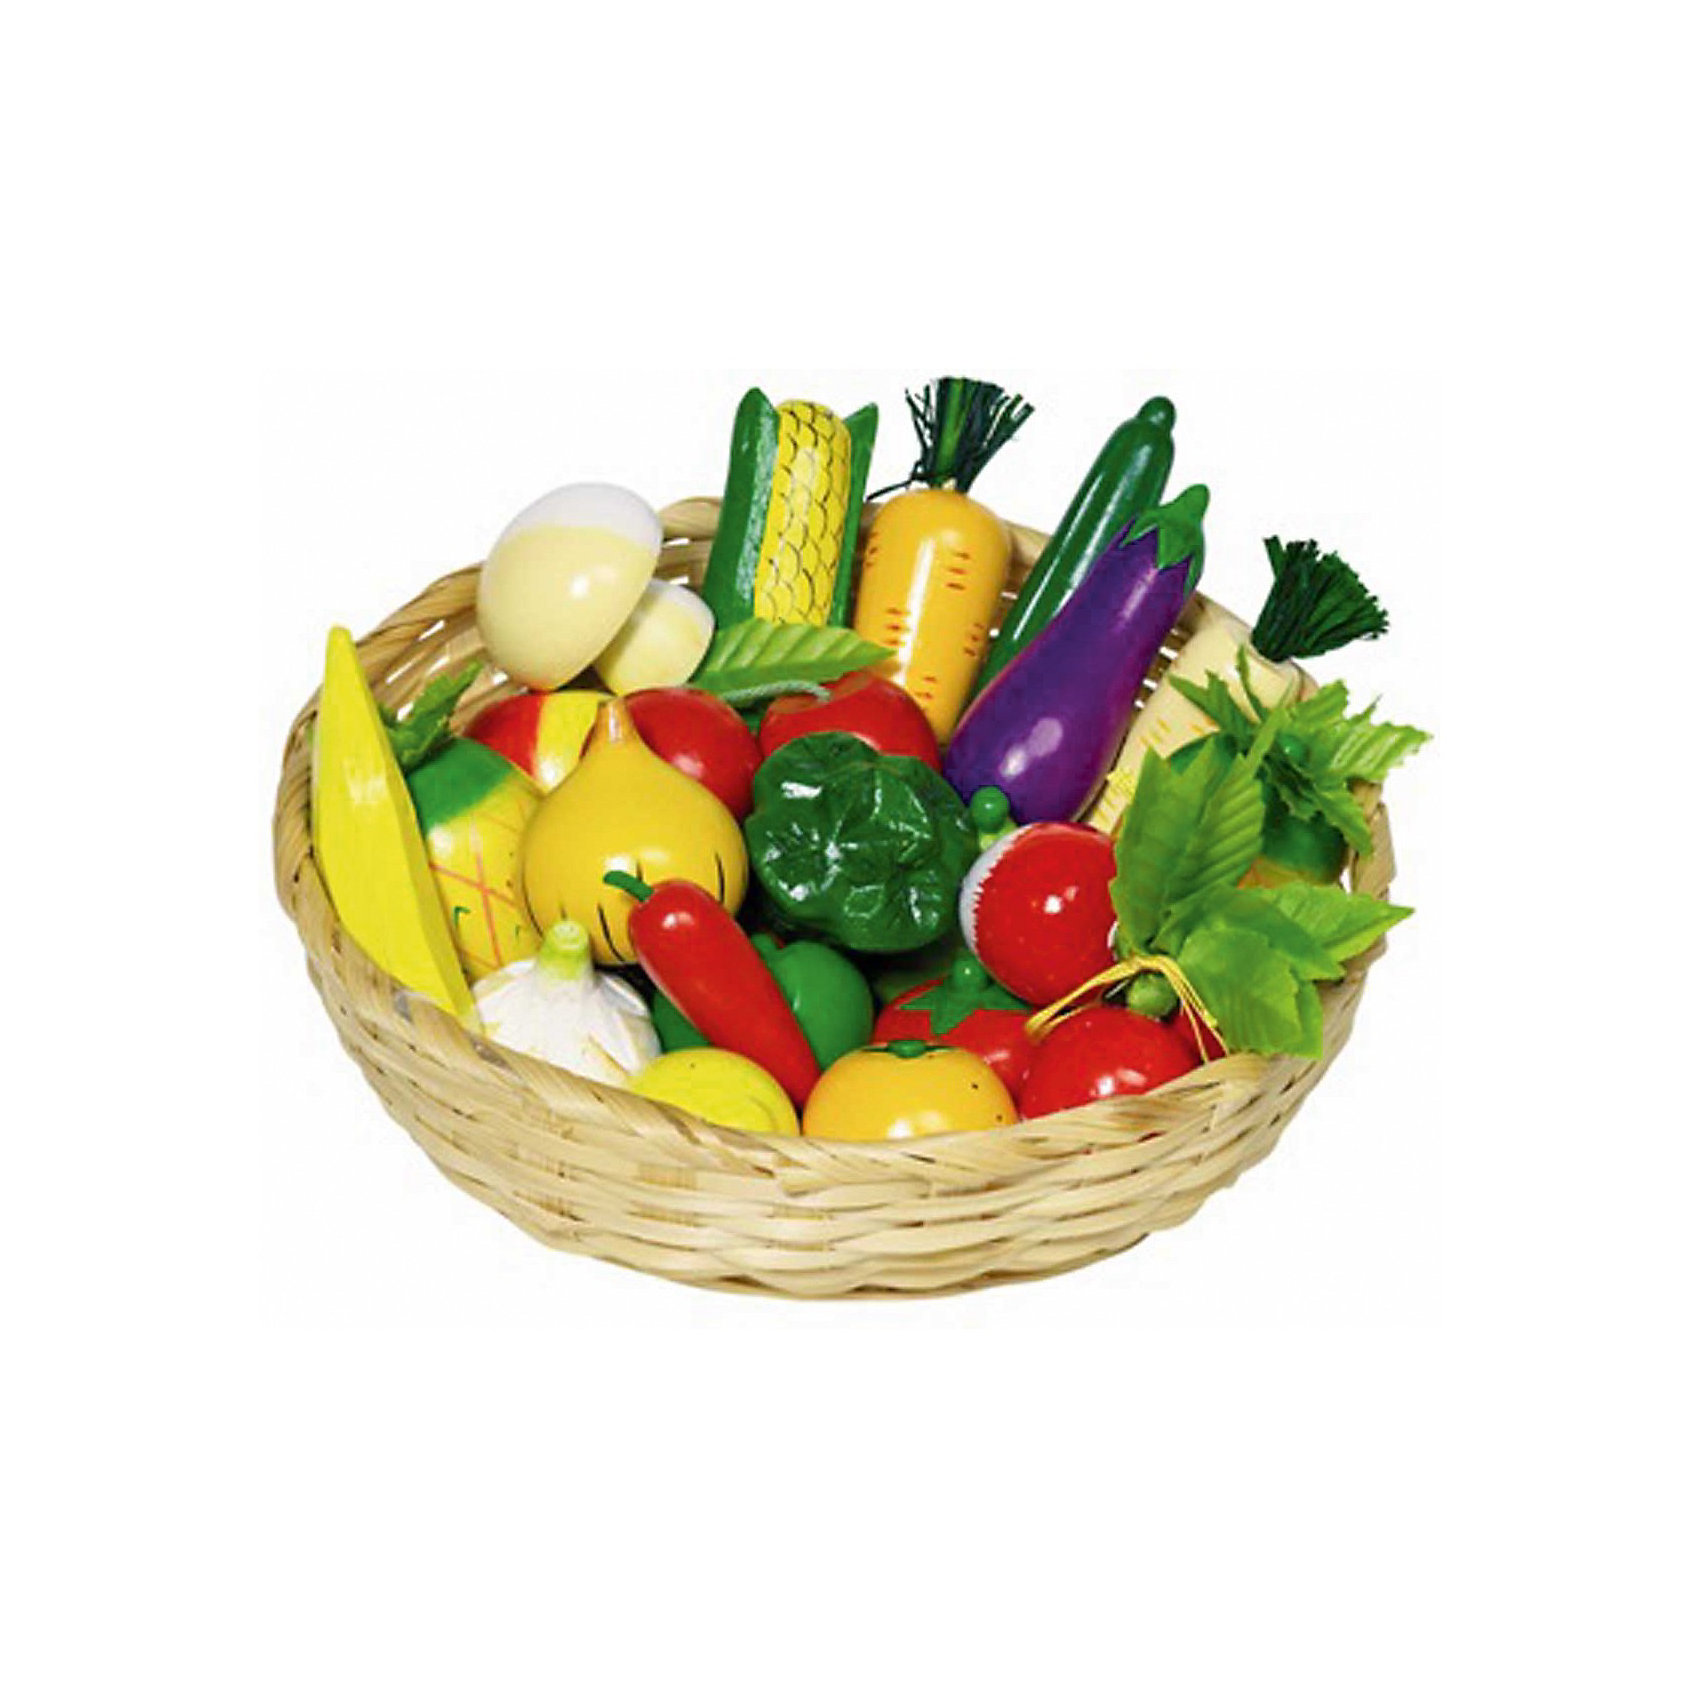 goki Набор игрушечный Овощи и Фрукты 23шт в корзинке, GOKI